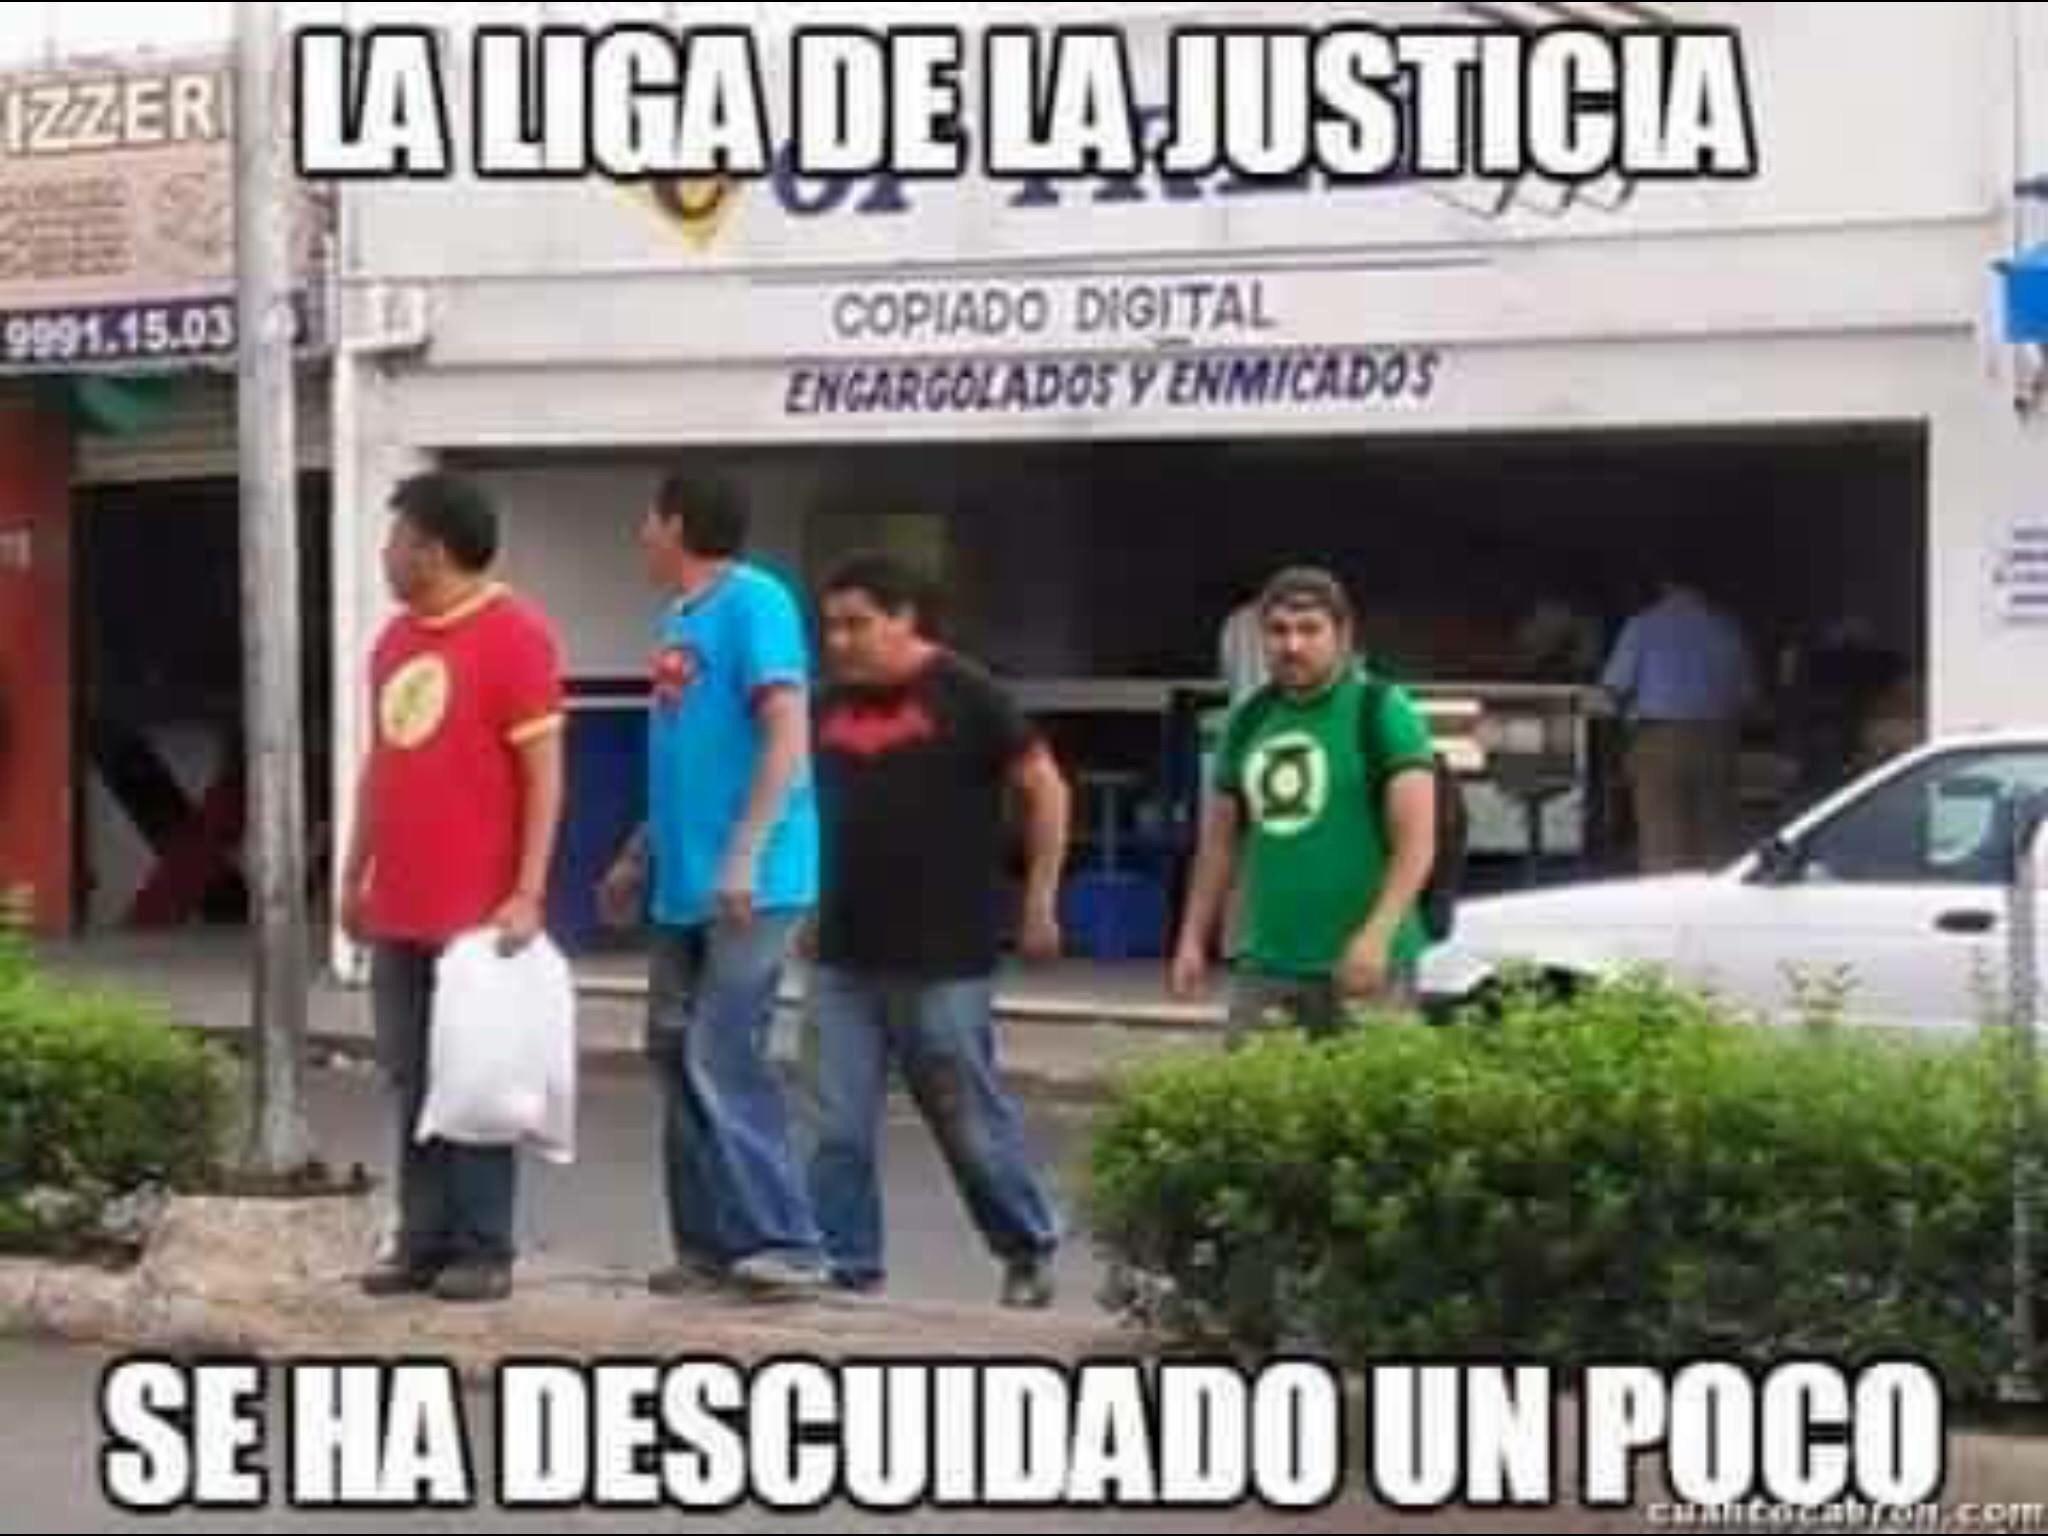 Liga de la justicia en México - meme